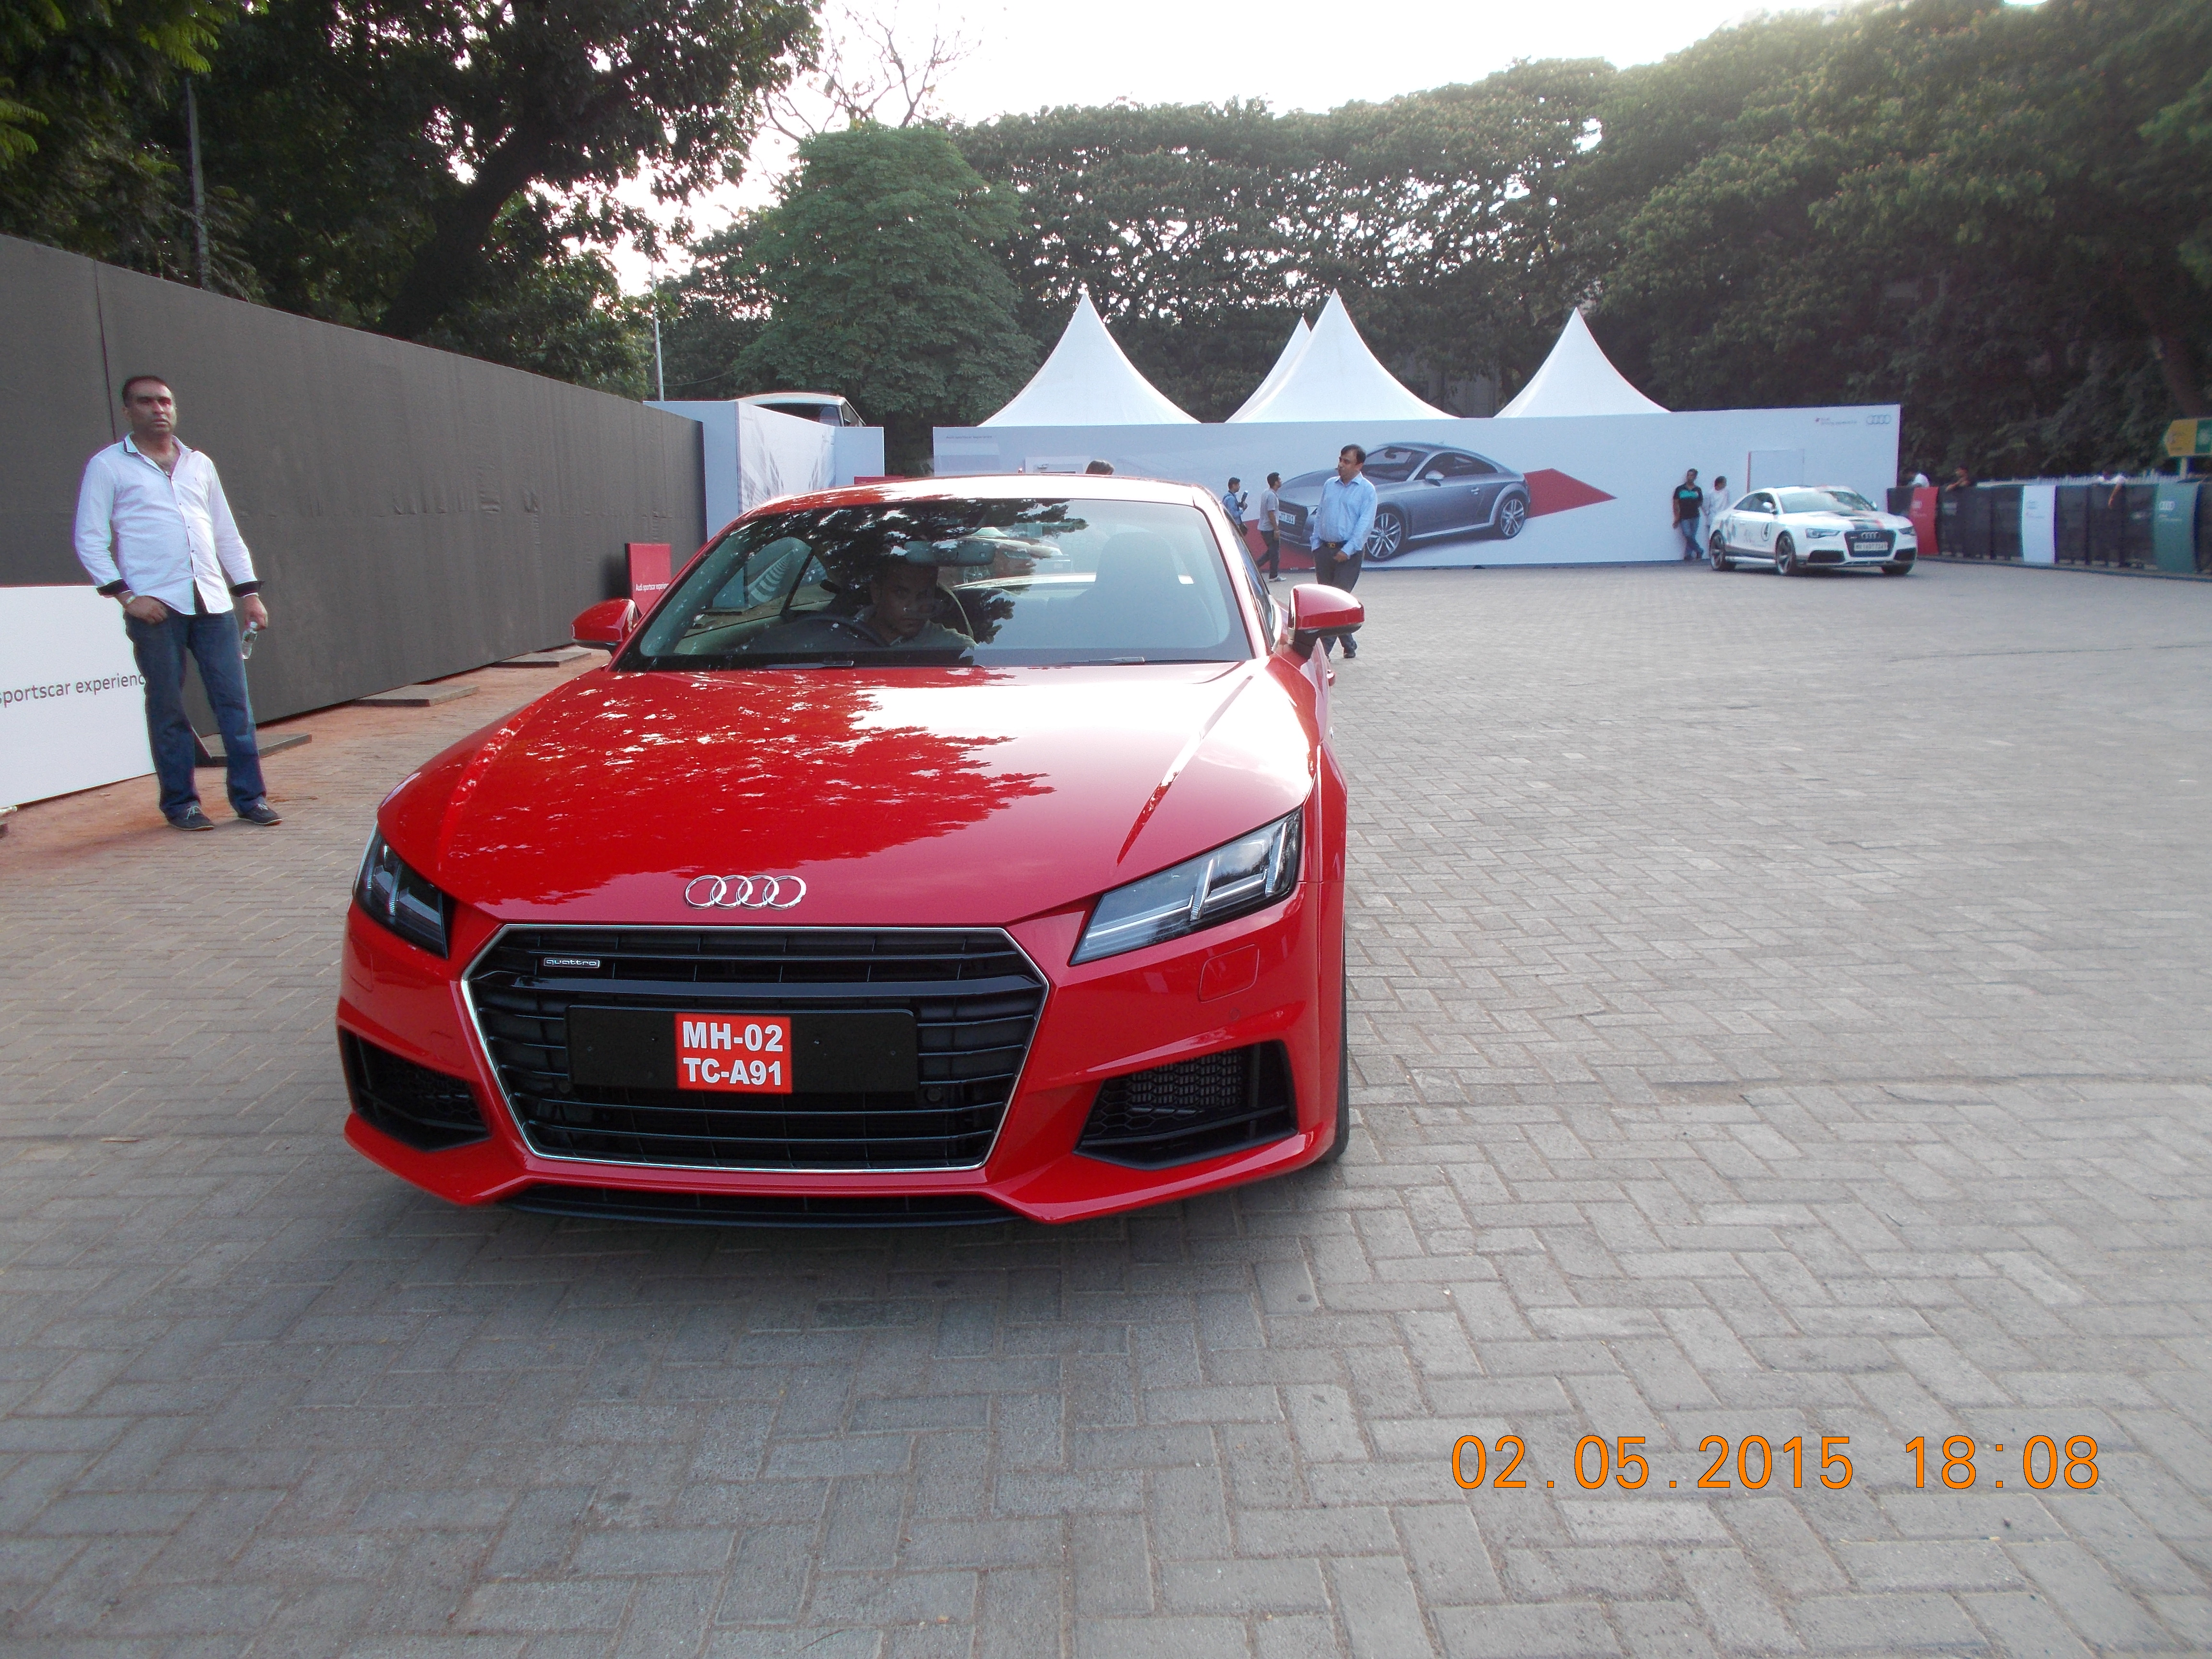 FileAUDI SPORTS CAR Test Drive At Mahalaxmi Racecourse JPG - Audi test drive